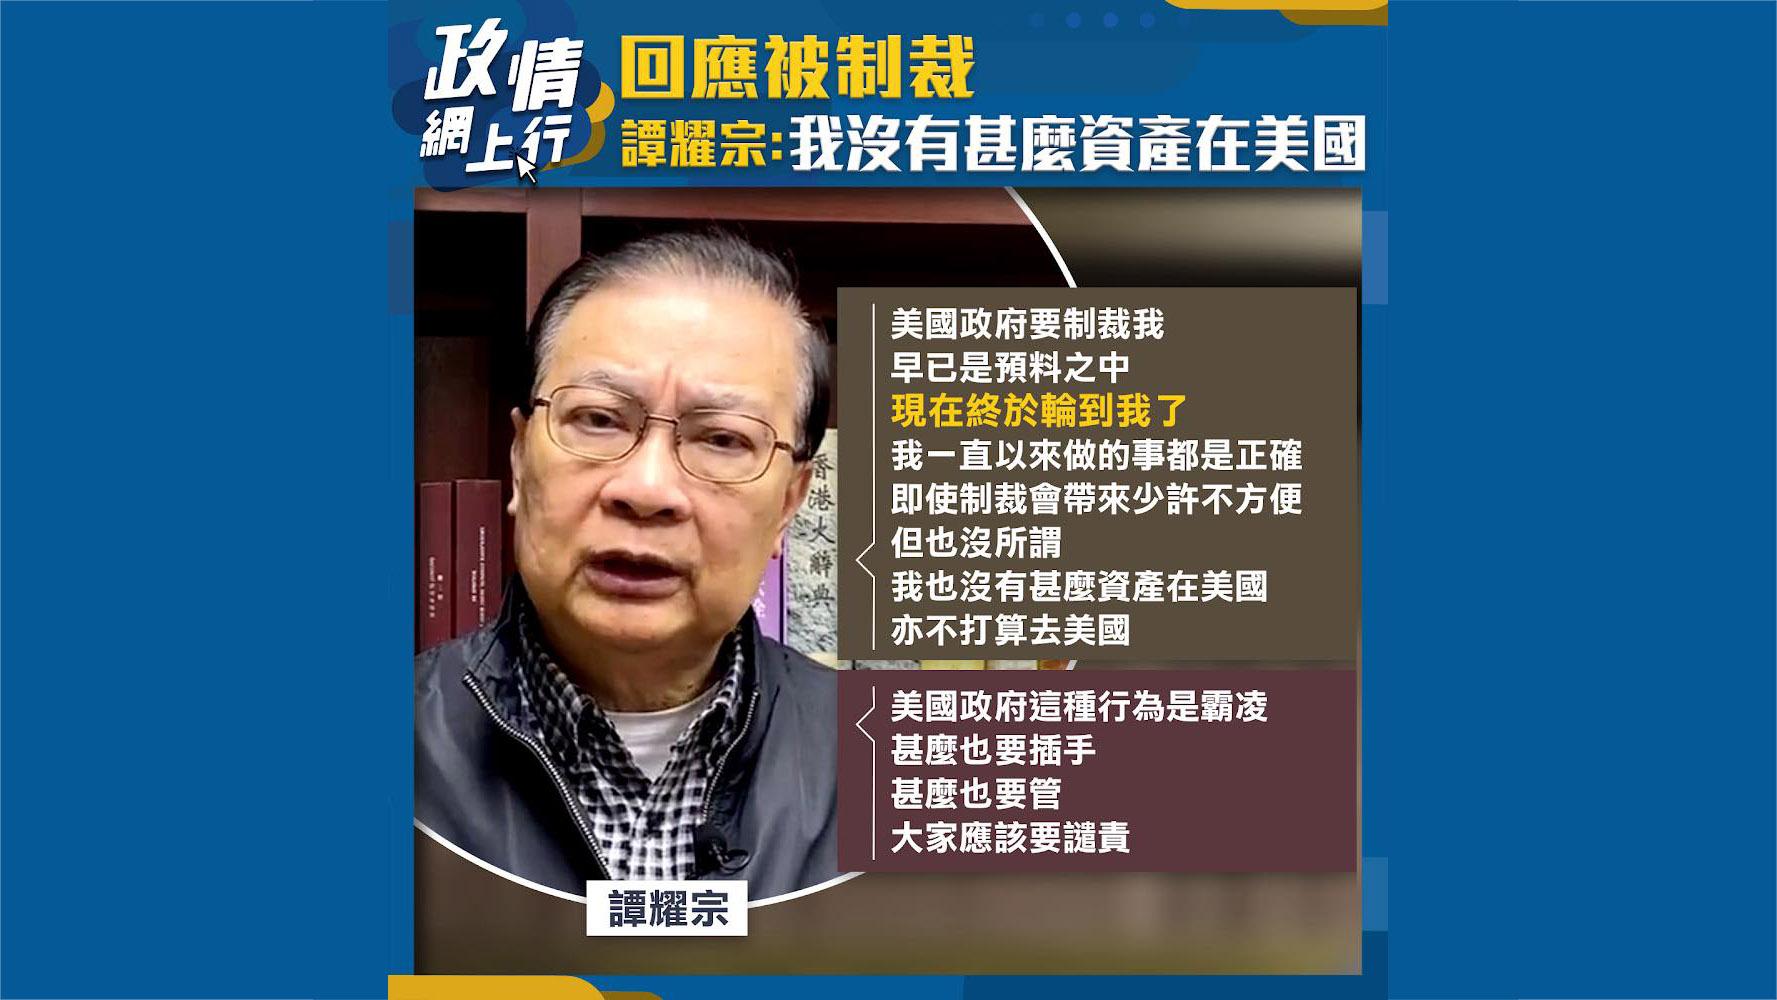 【政情網上行】回應被制裁 譚耀宗:我沒有甚麼資產在美國